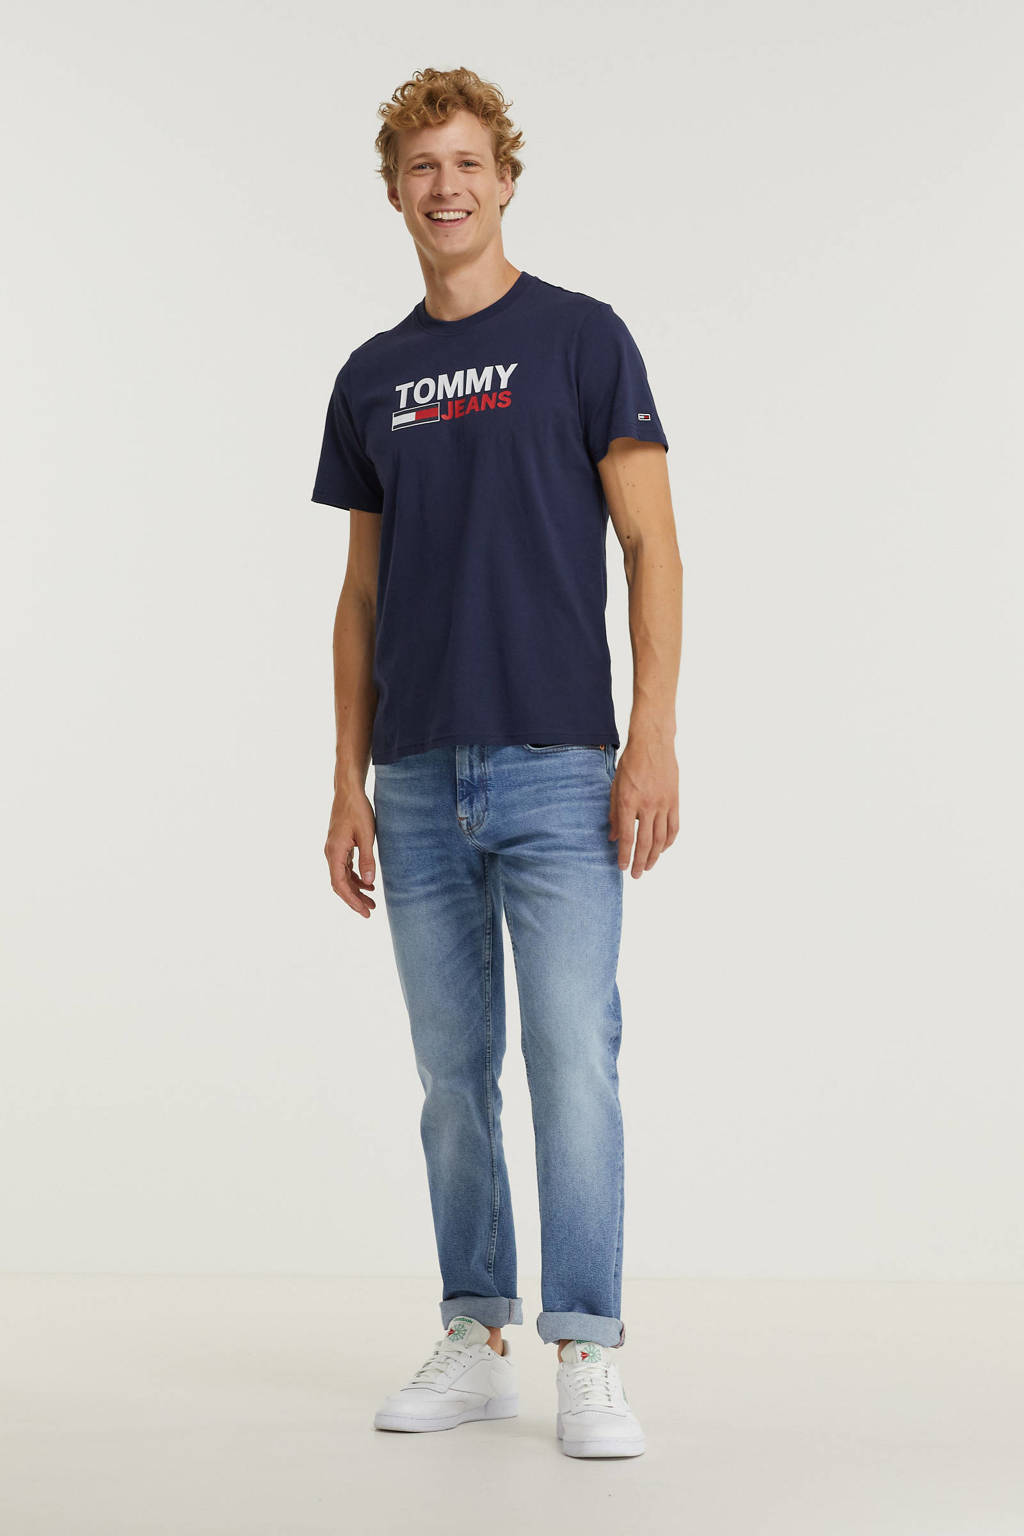 Tommy Jeans T-shirt van biologisch katoen twilight navy, Twilight Navy